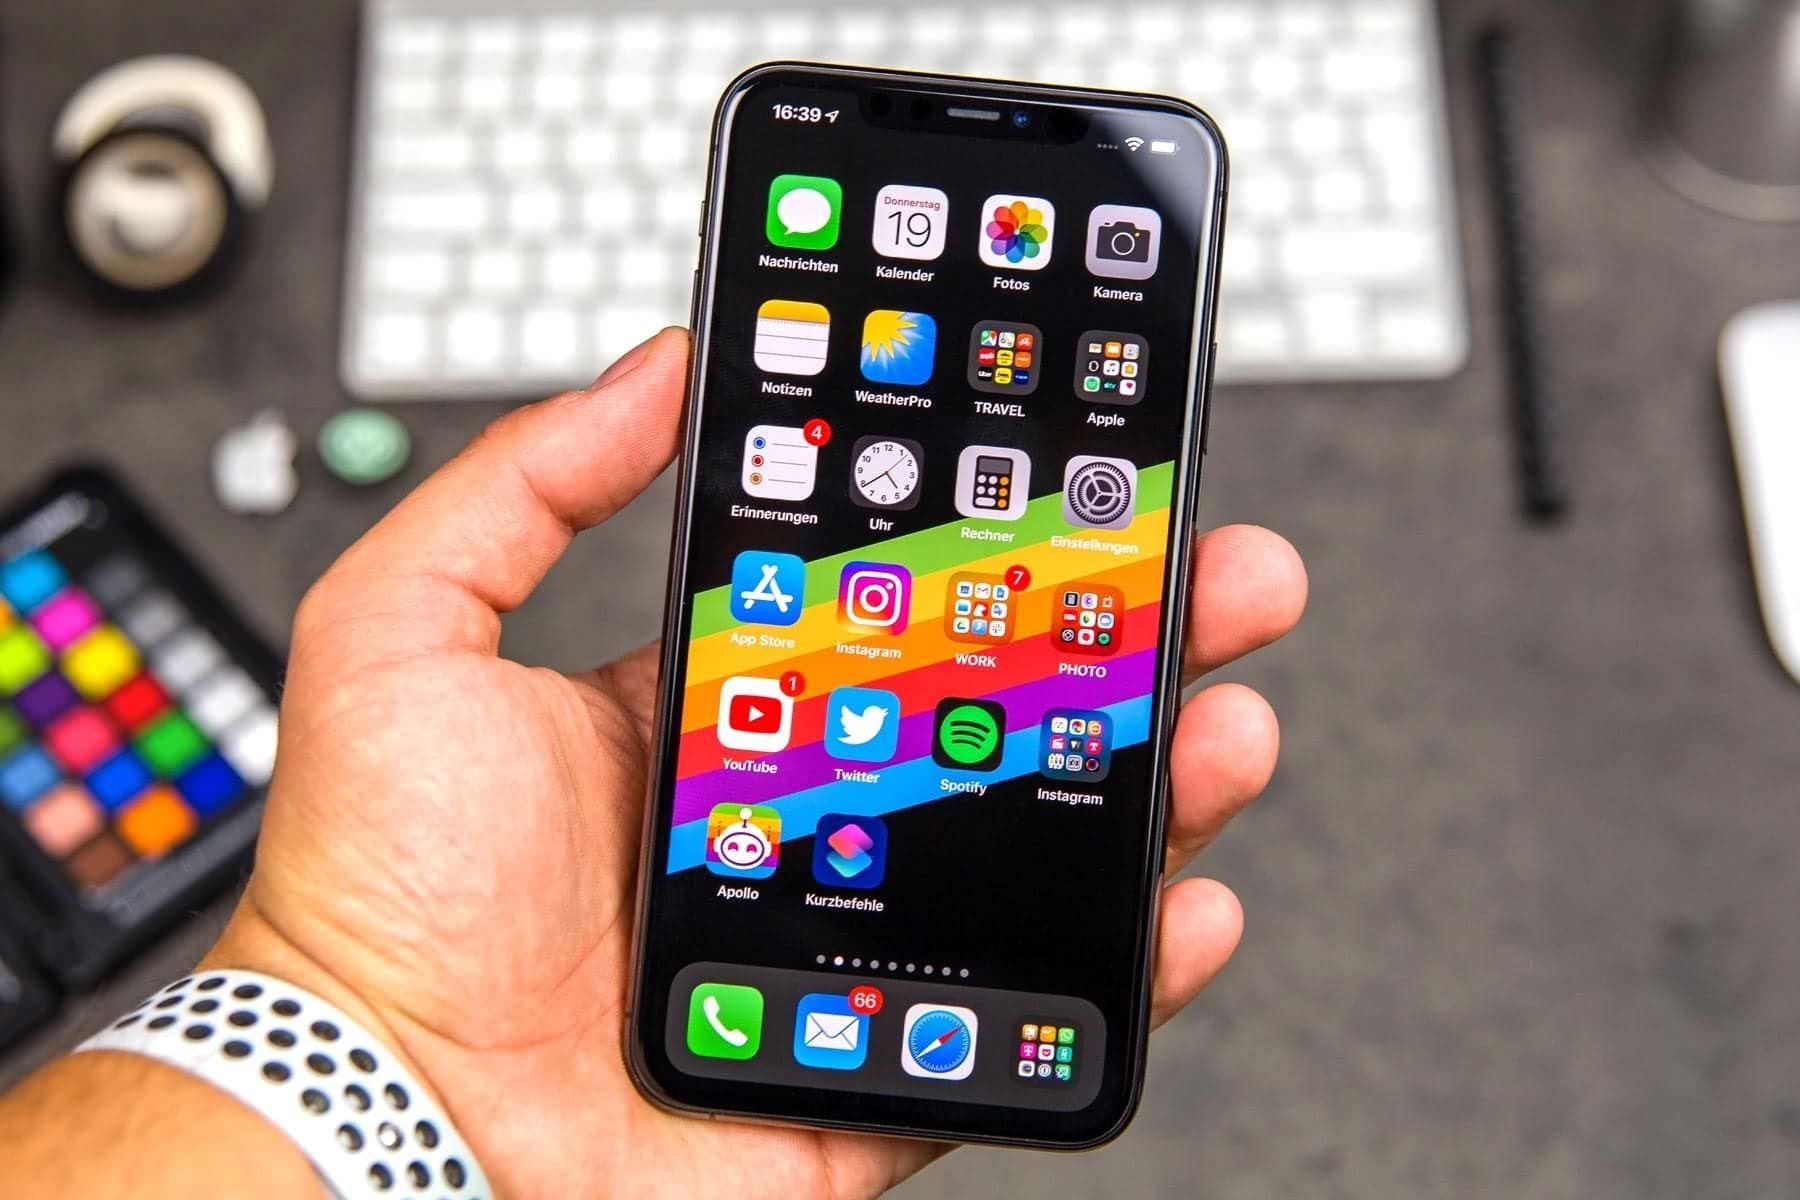 айфон 12 в руке